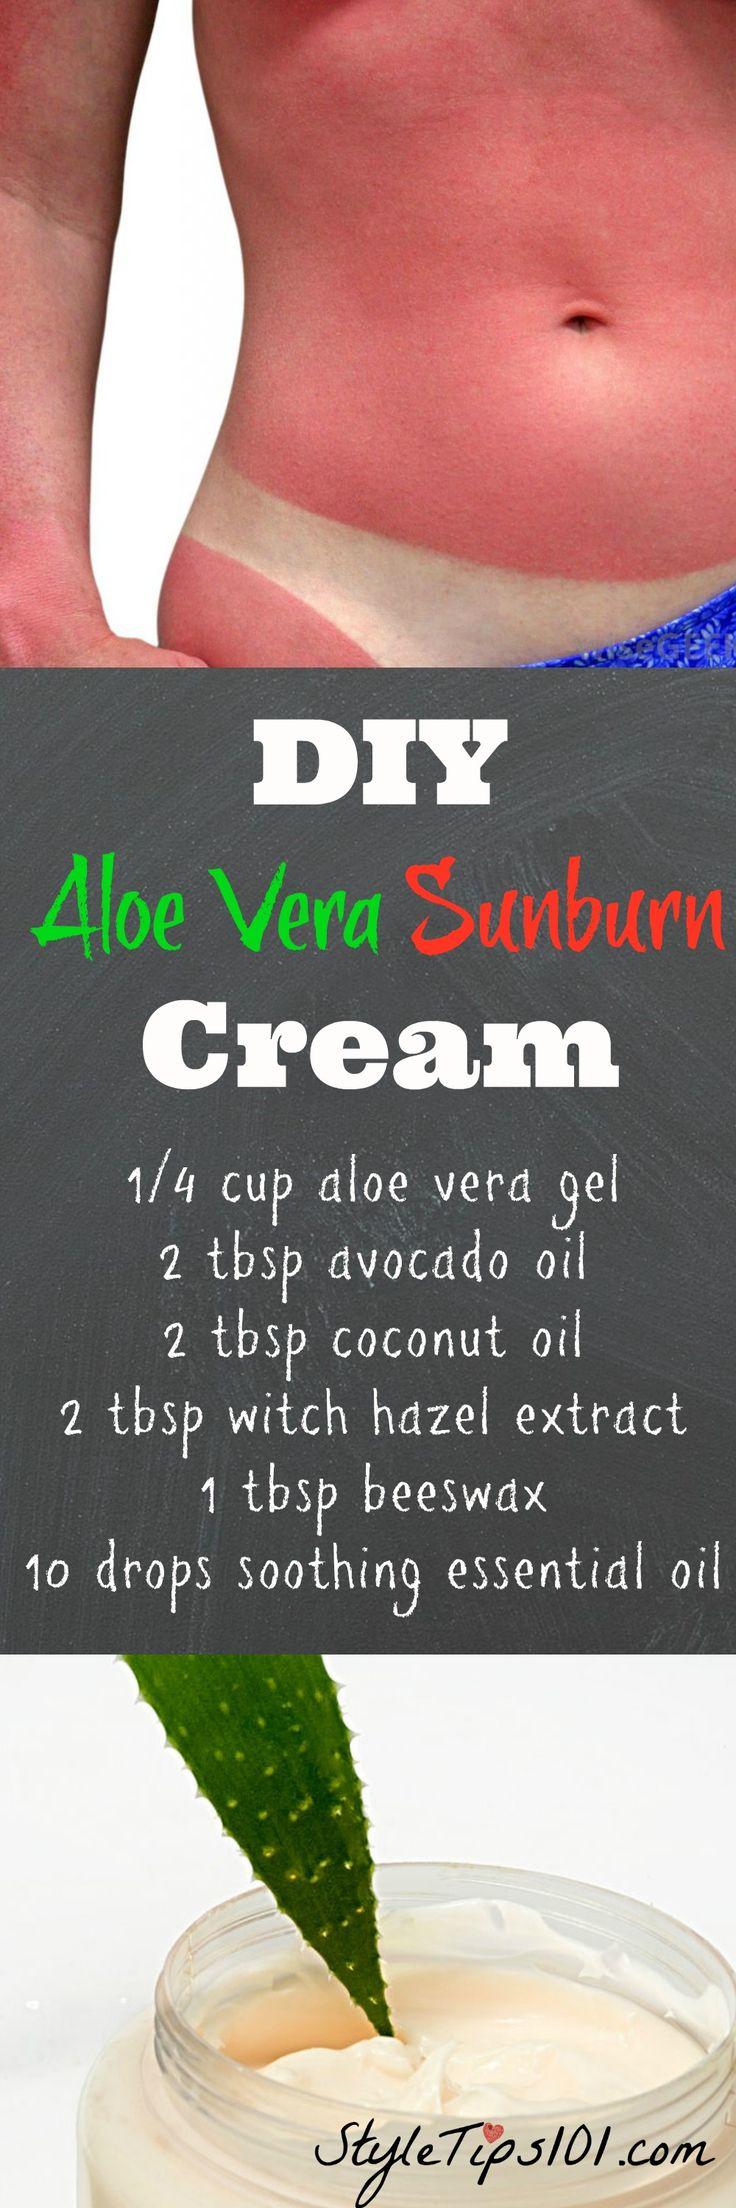 Prevent burnt, peeling skin with this DIY aloe vera sunburn cream!